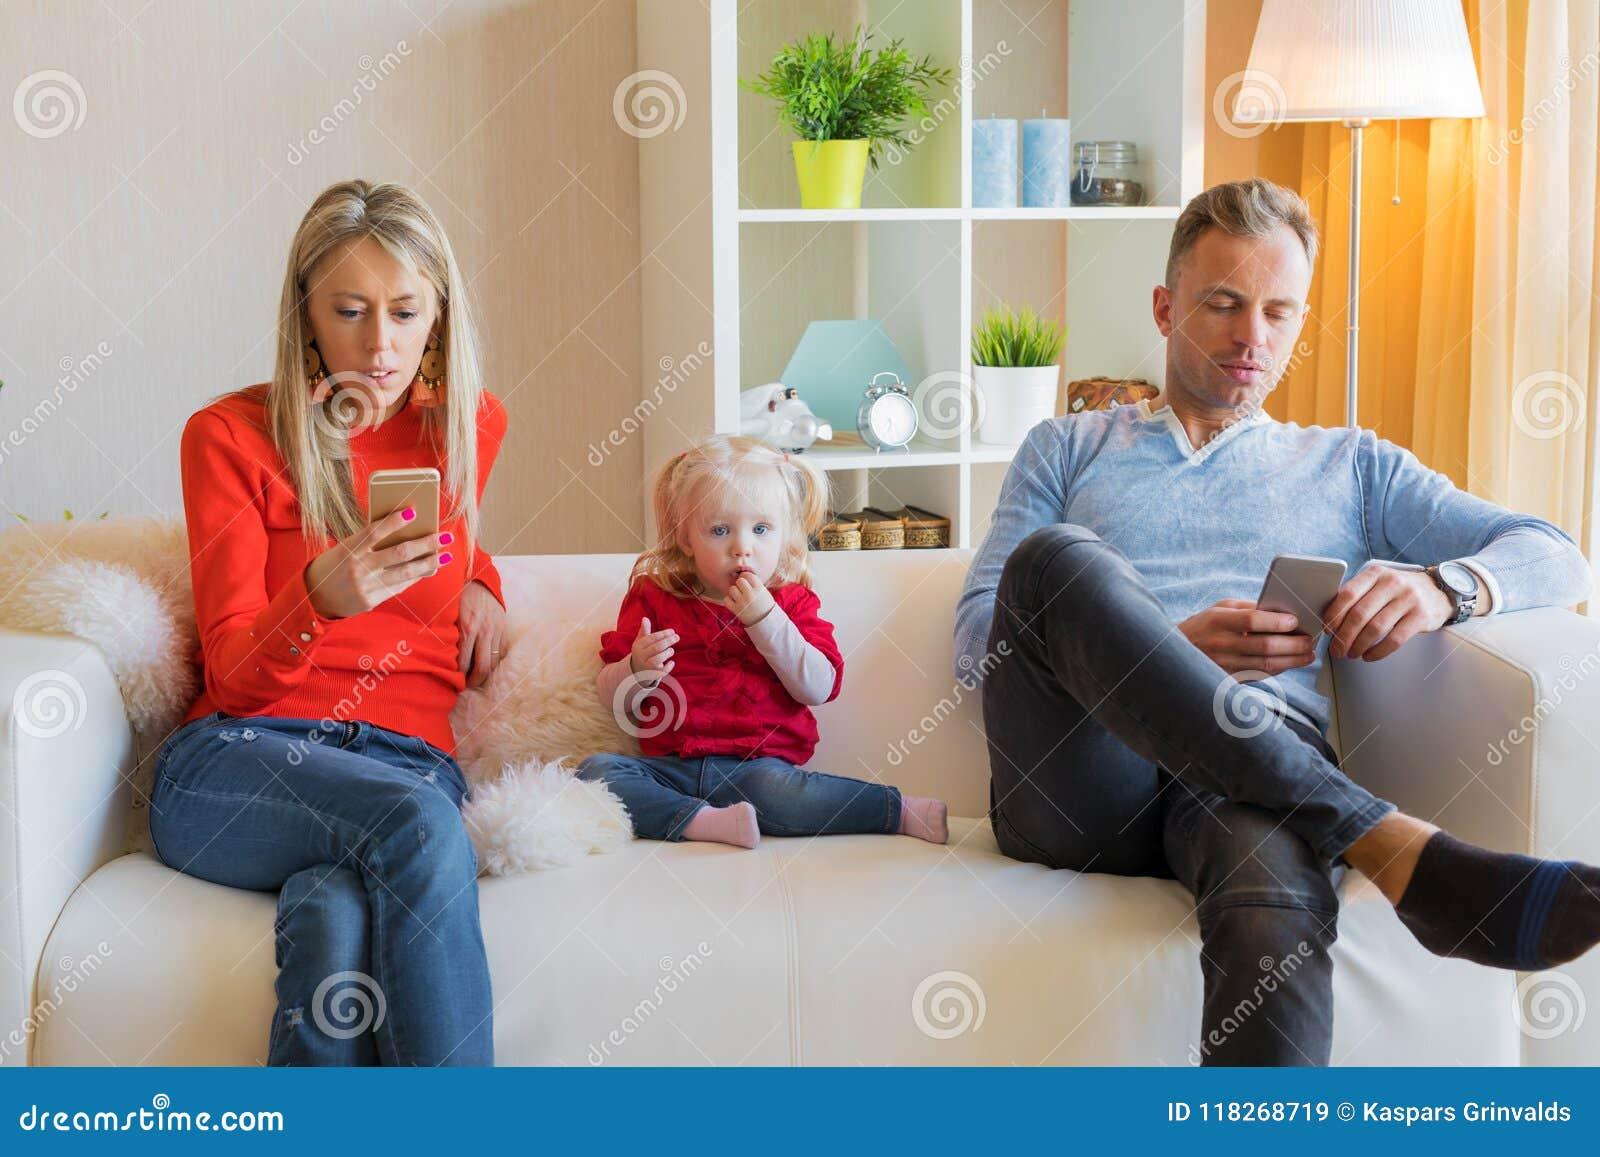 Οι νέοι γονείς αγνοούν το παιδί τους και την εξέταση τα κινητά τηλέφωνά τους